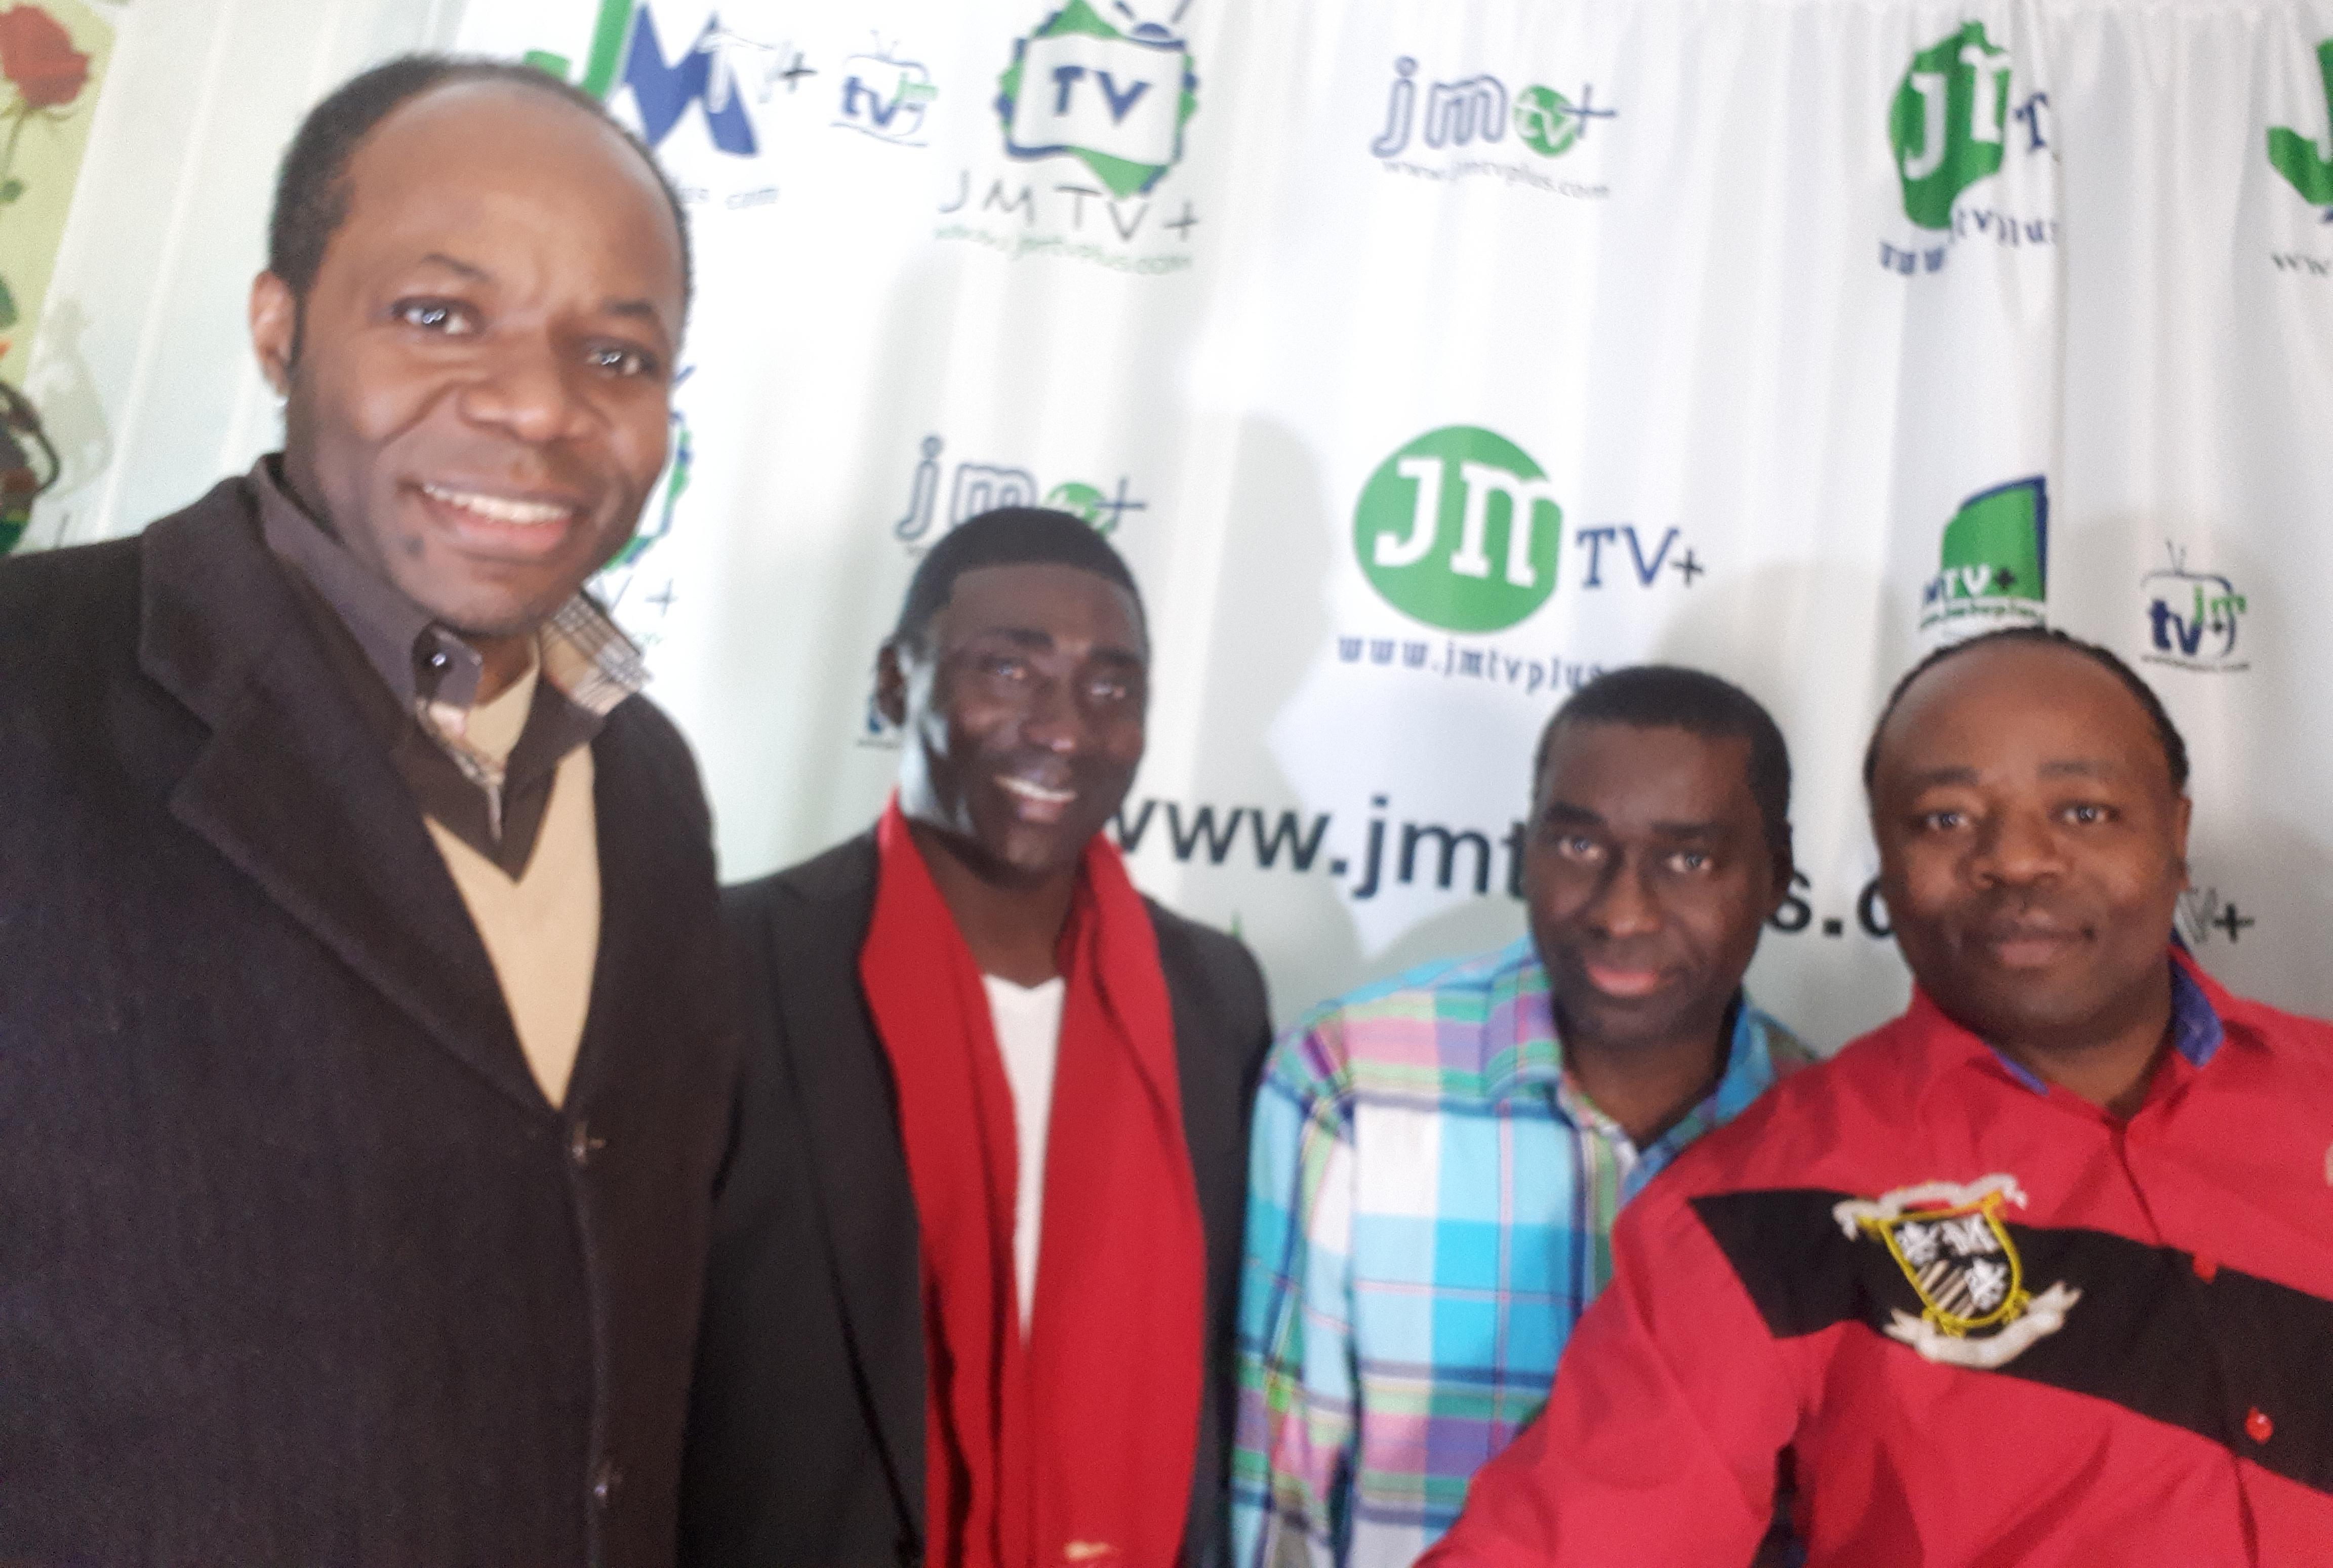 CAMEROUN/JUNIOR ZOGO/CONFIDENCE: «…VOUS ÊTES FORMES POUR MOURIR POUR LE PRÉSIDENT BIYA… » (JMTV+)